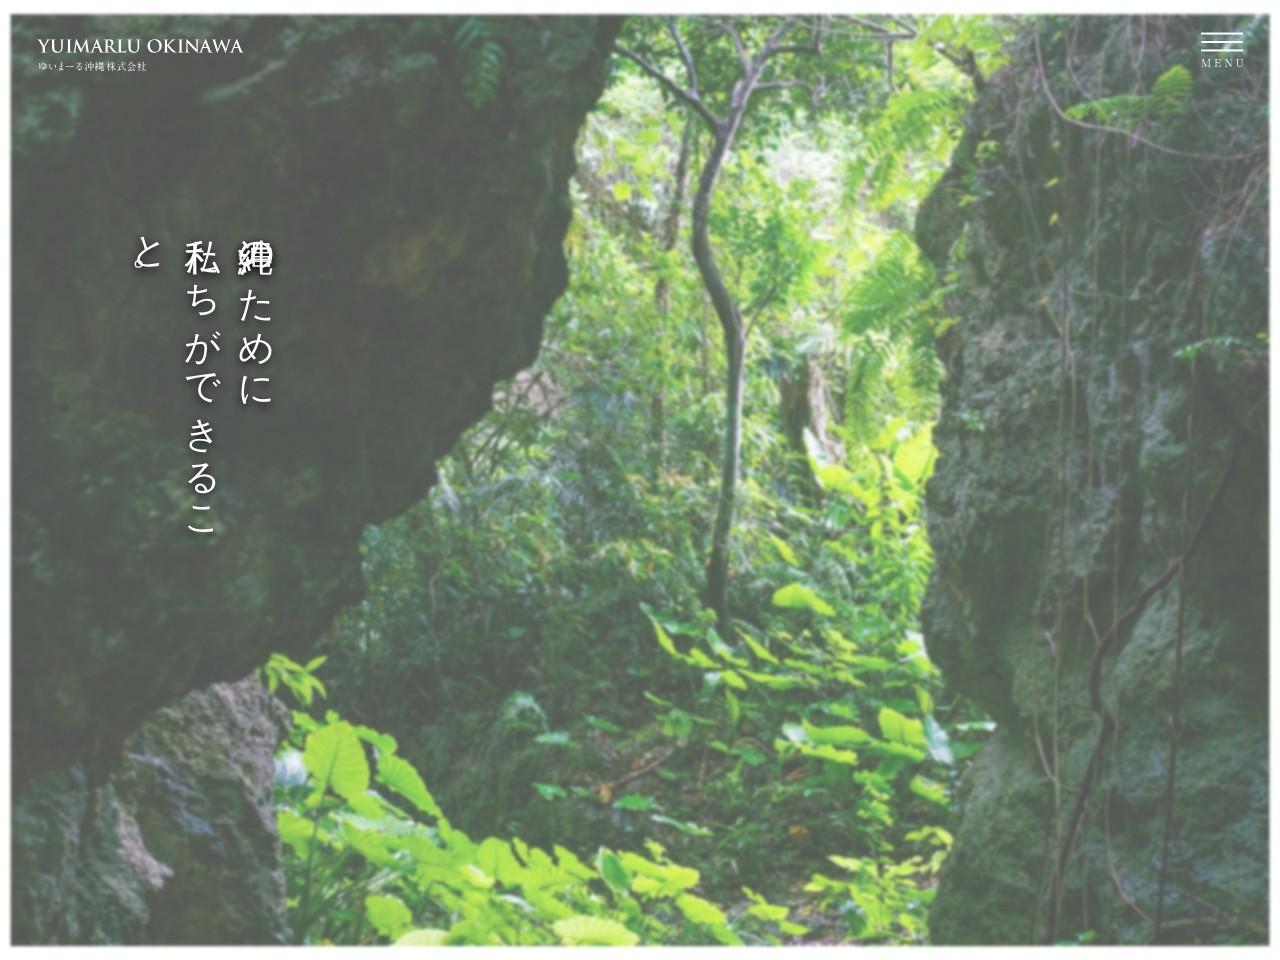 ゆいまーる沖縄株式会社 沖縄工芸品オリジナルブランドの運営